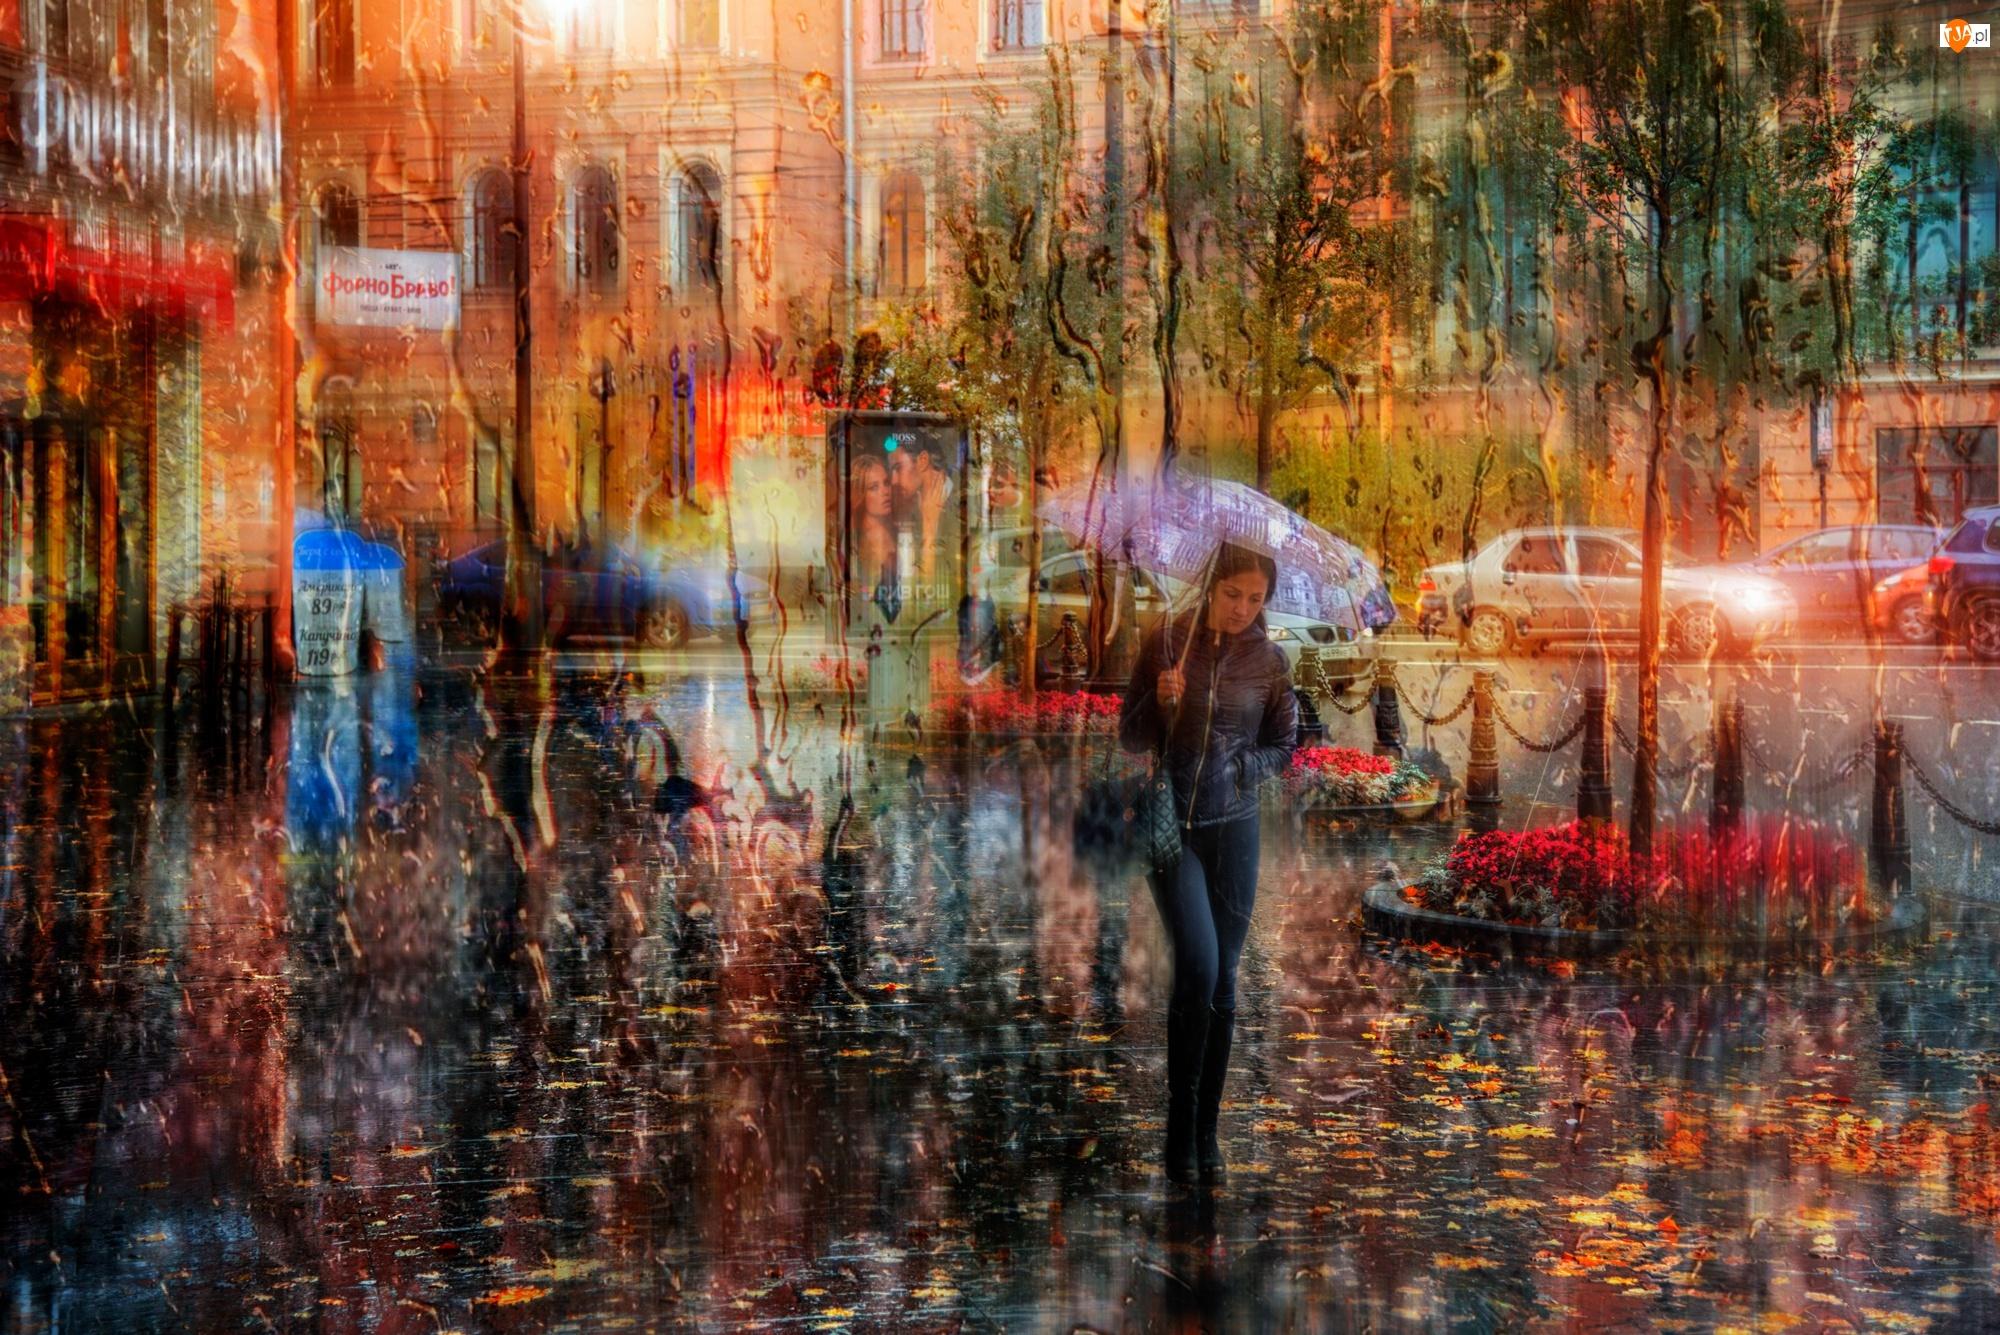 Deszcz, Parasol, Ulica, Kobieta